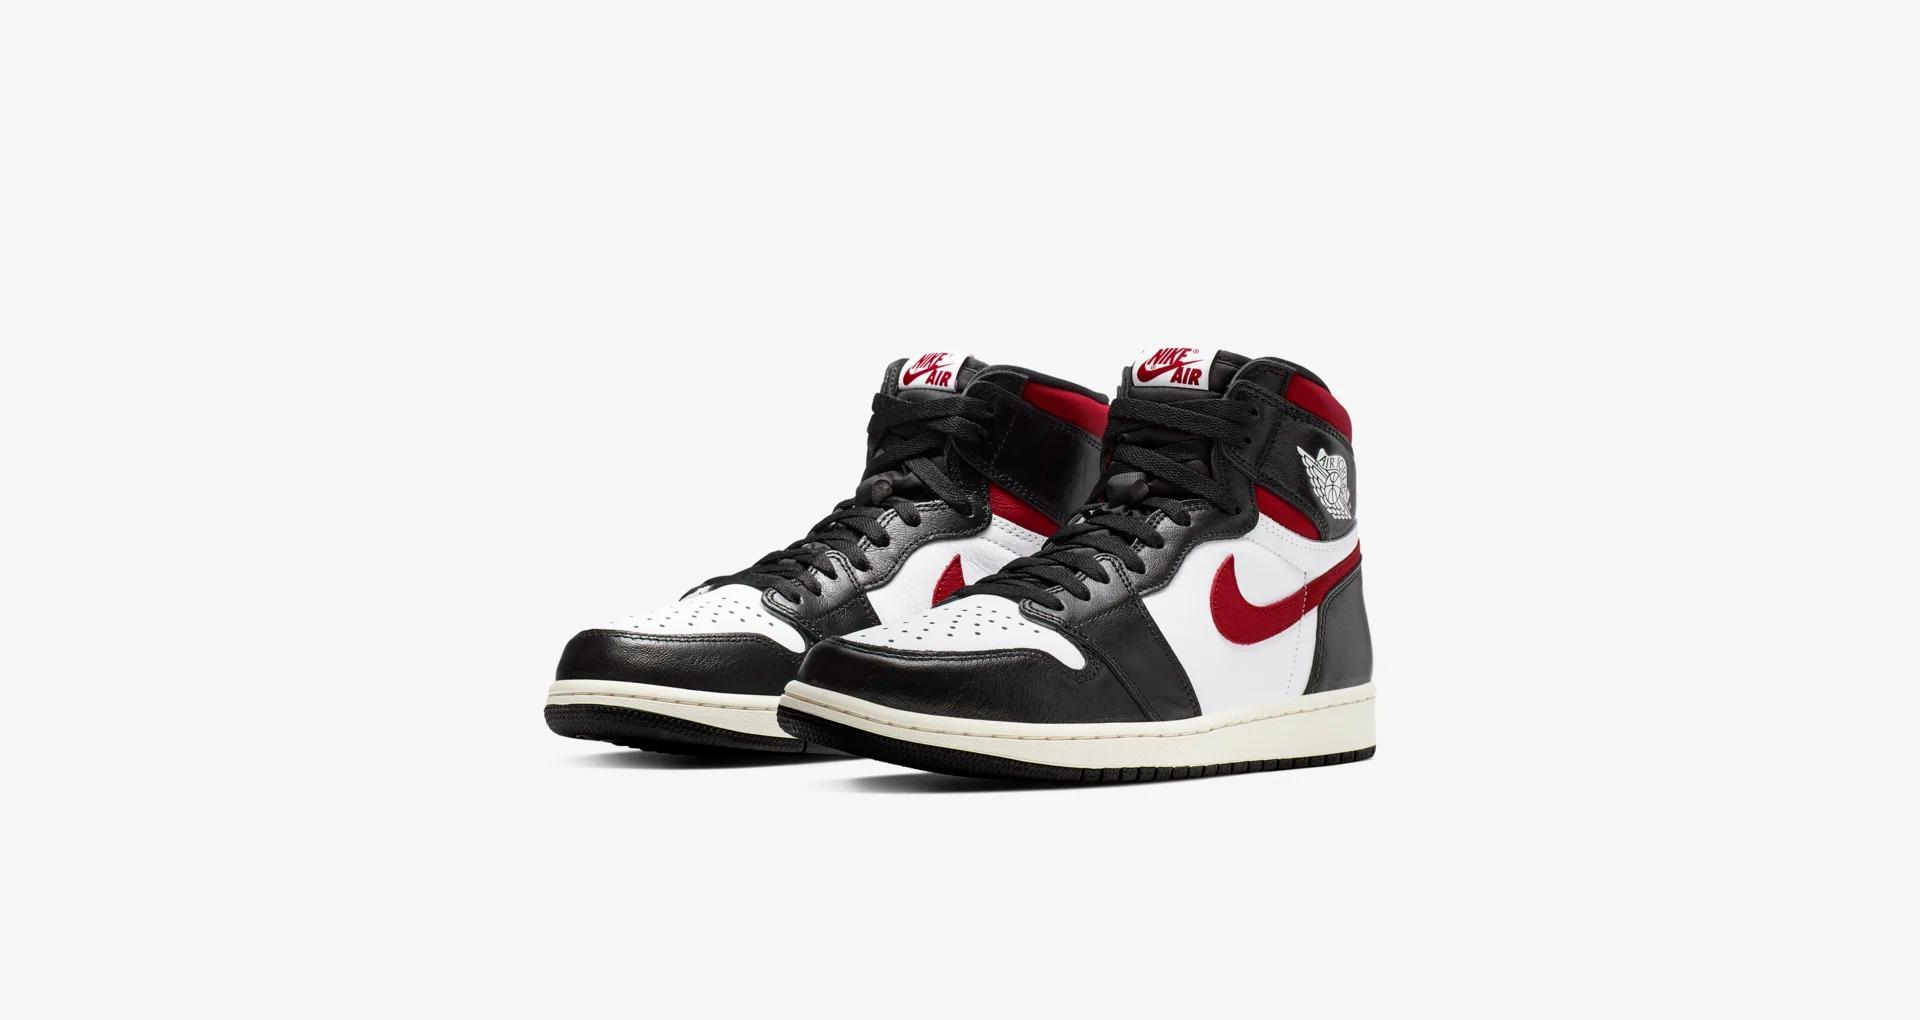 555088 061 Air Jordan 1 High OG Gym Red 5